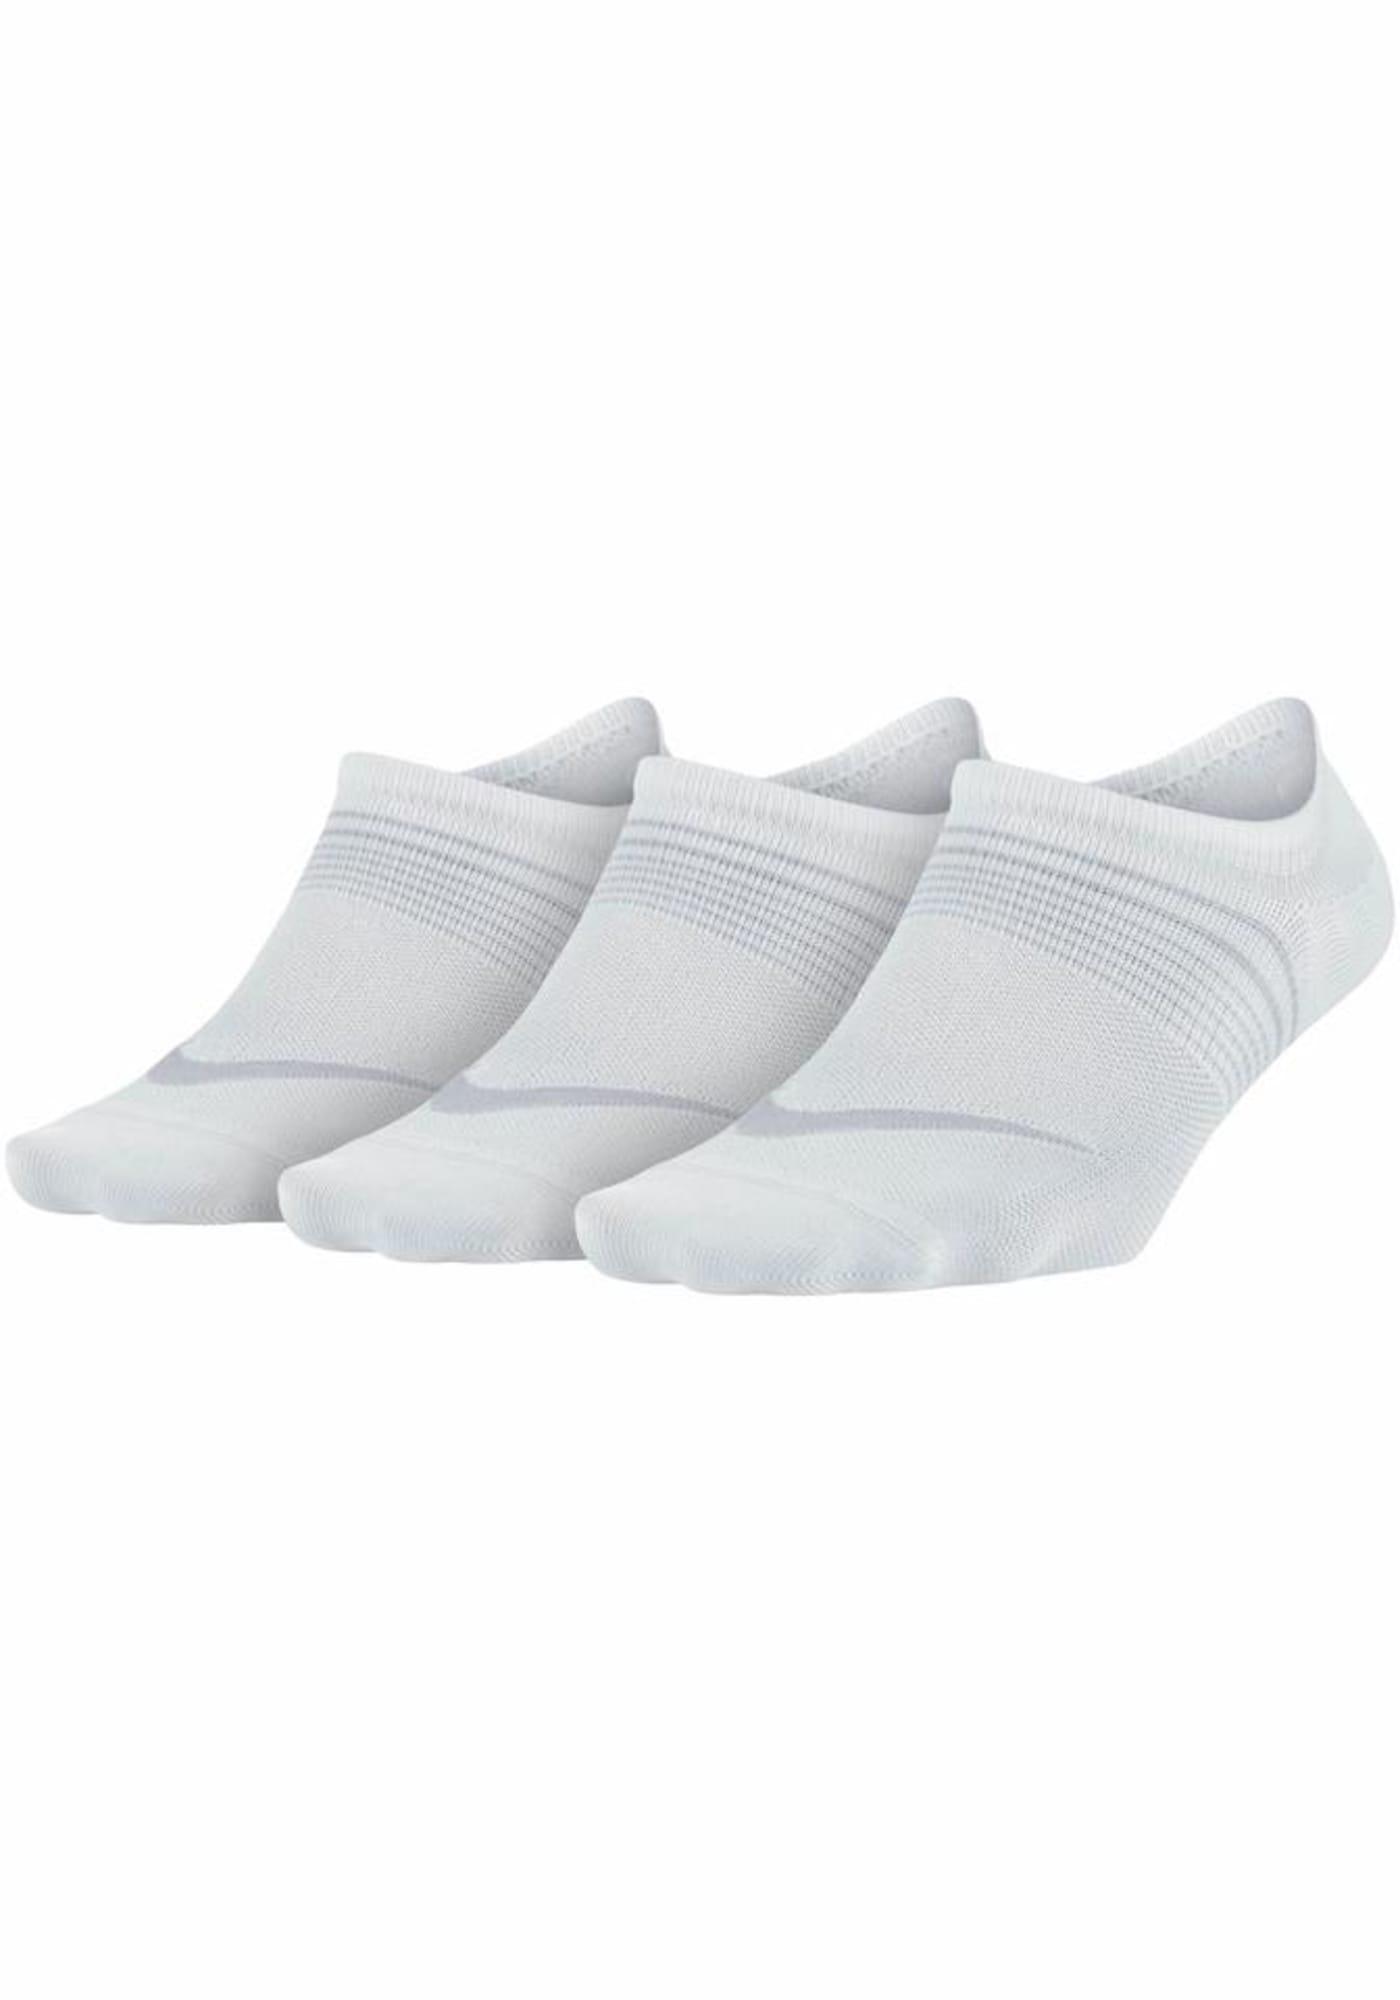 NIKE Sportinės kojinės balta / pilka